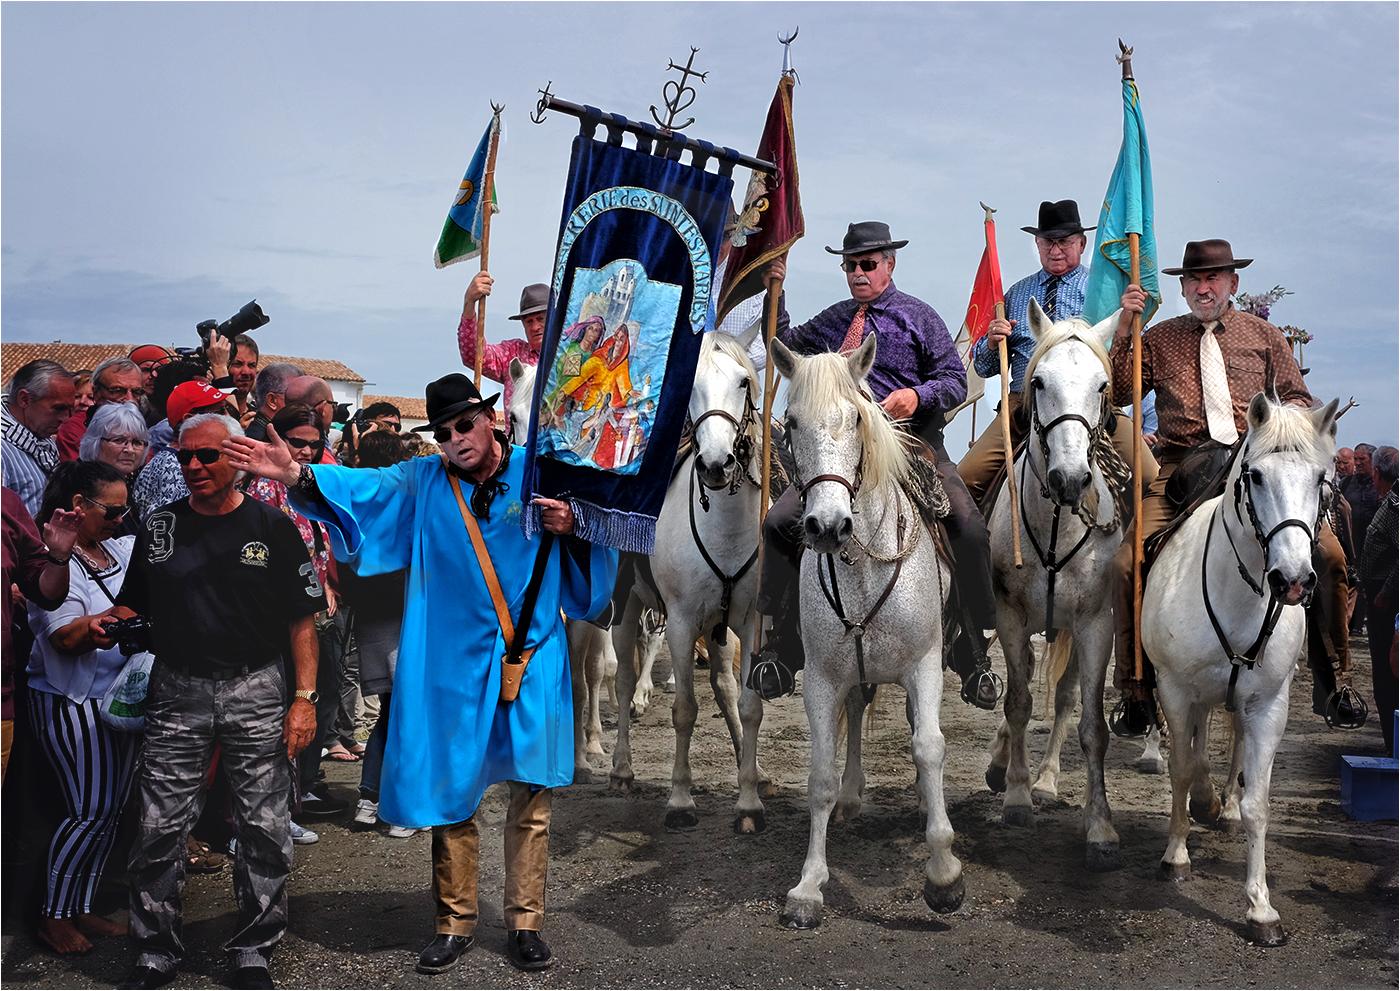 Carmargue Gypsy Festival